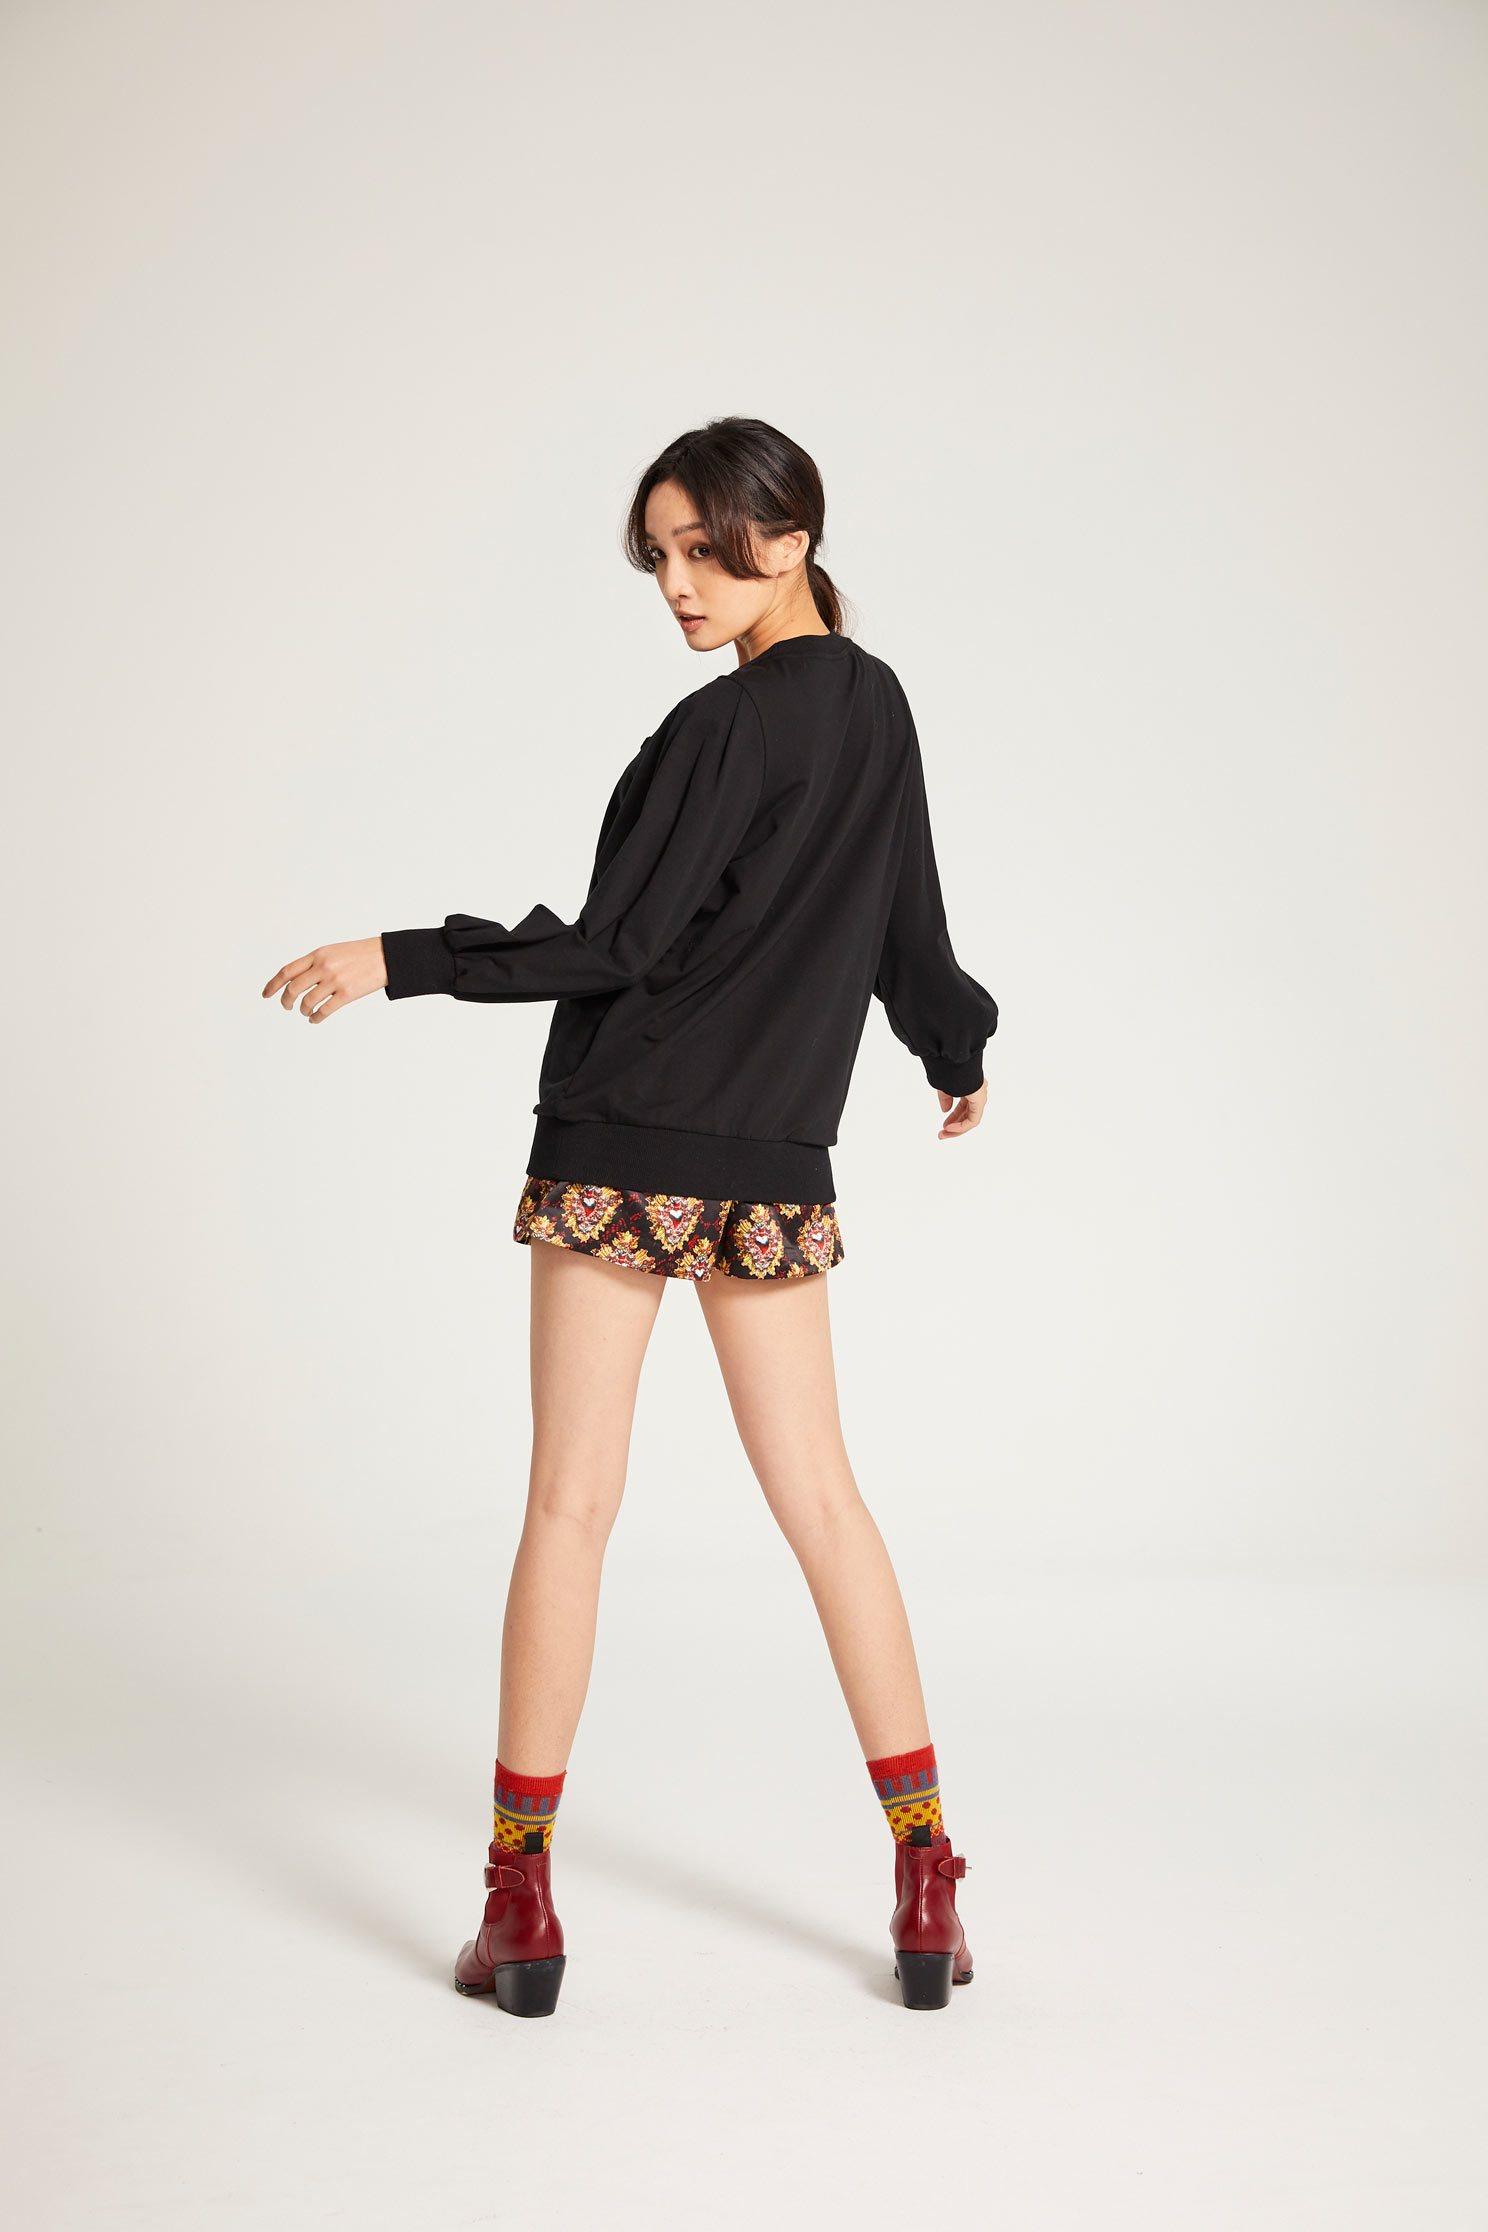 Pattern knitted top,t-shirt,top,cotton,fantasypurple,knitting,knittedtop,knittedtop,longsleevetop,blacktop